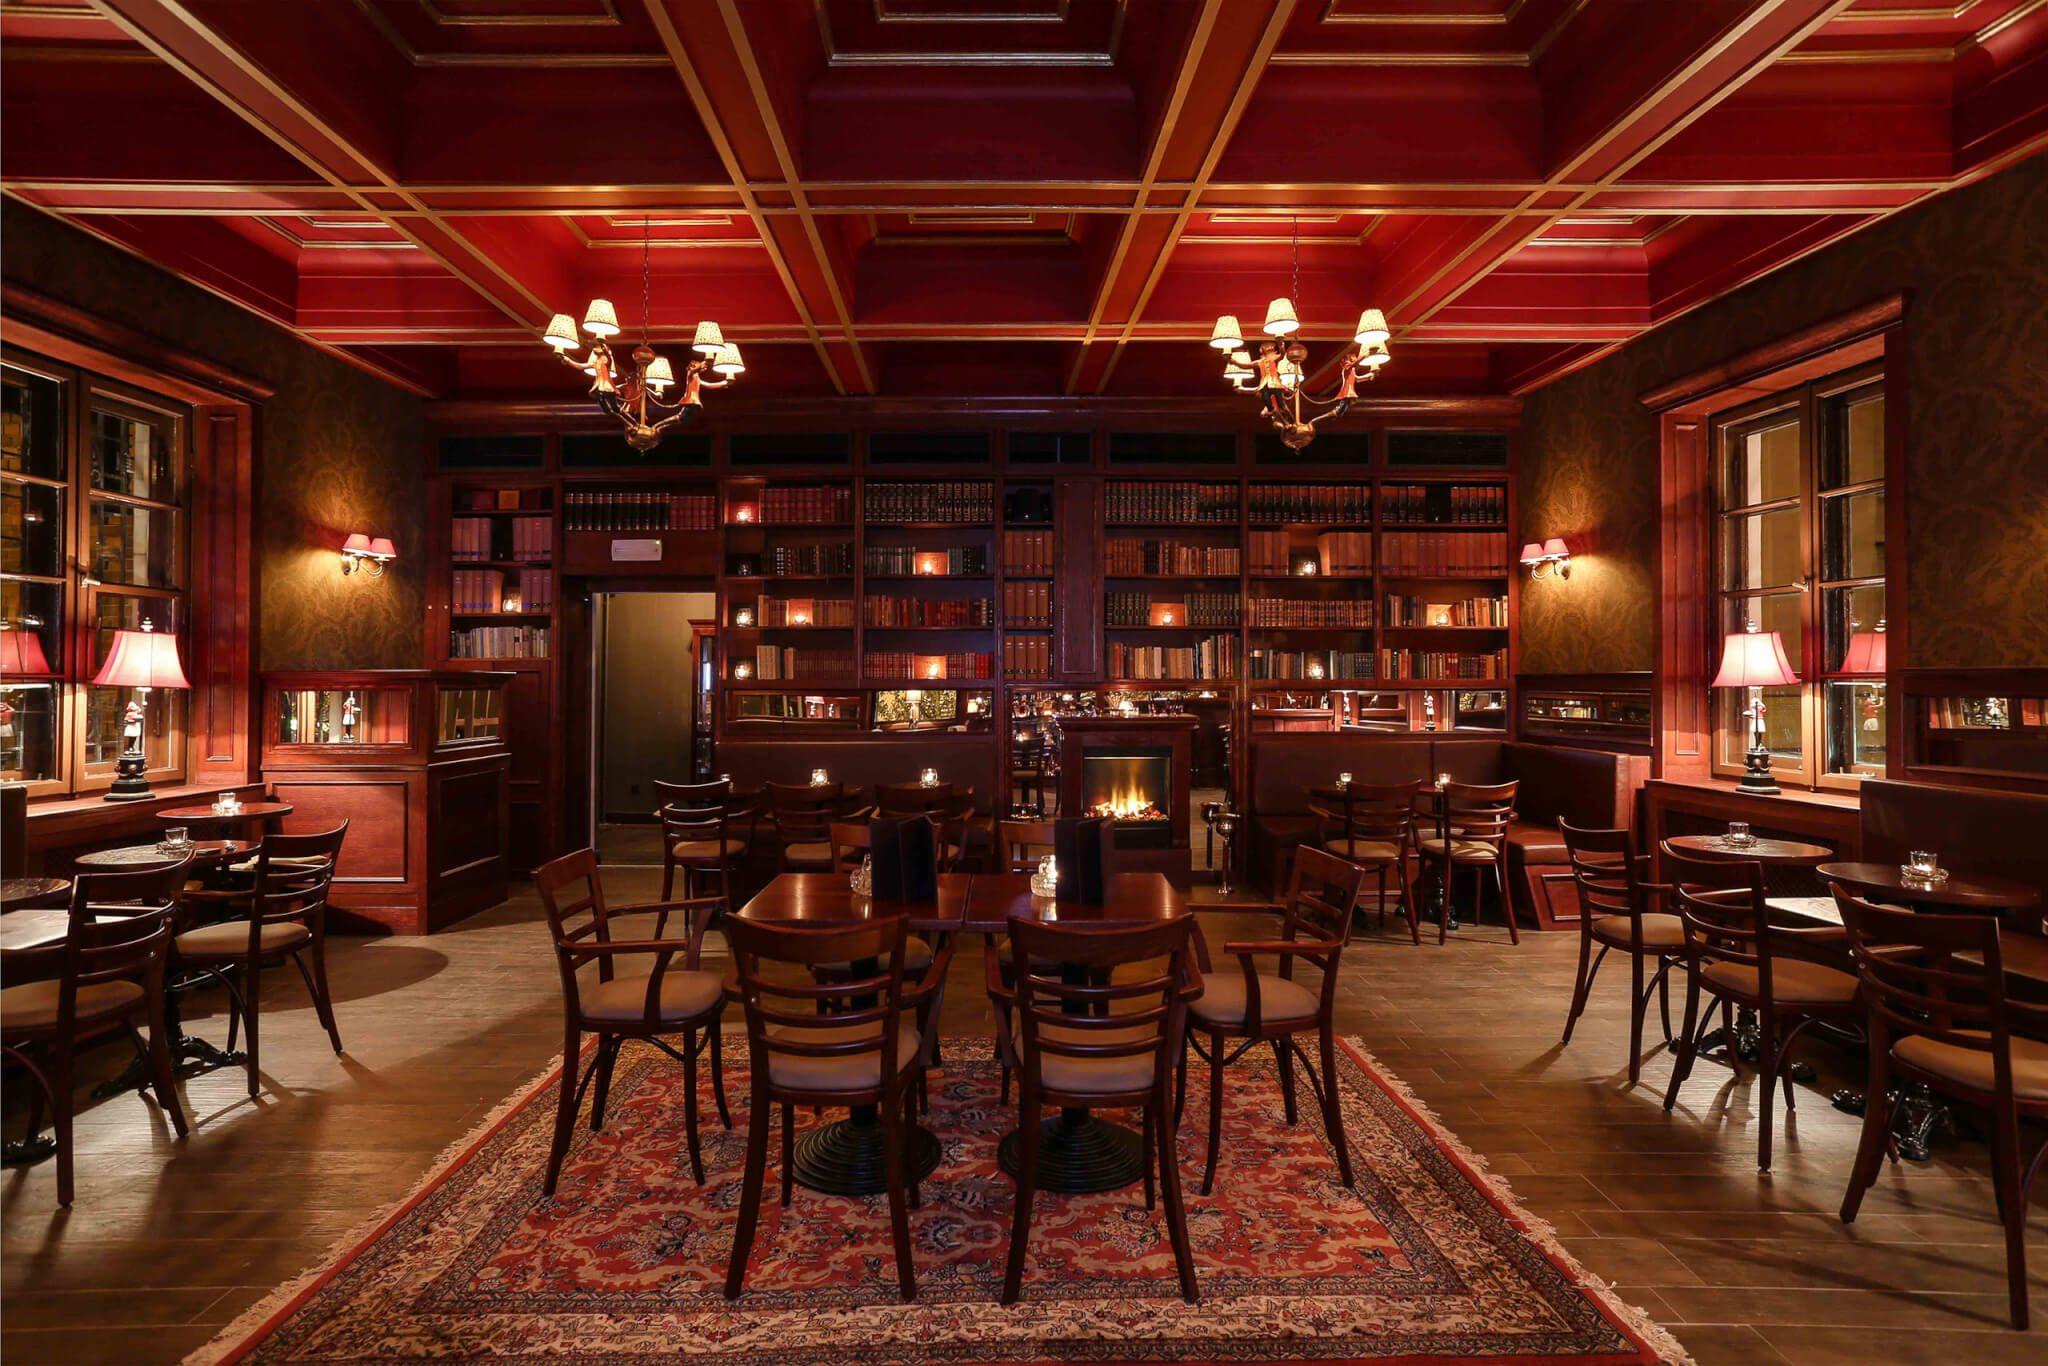 Gemütliche Atmosphäre im Bar & Books